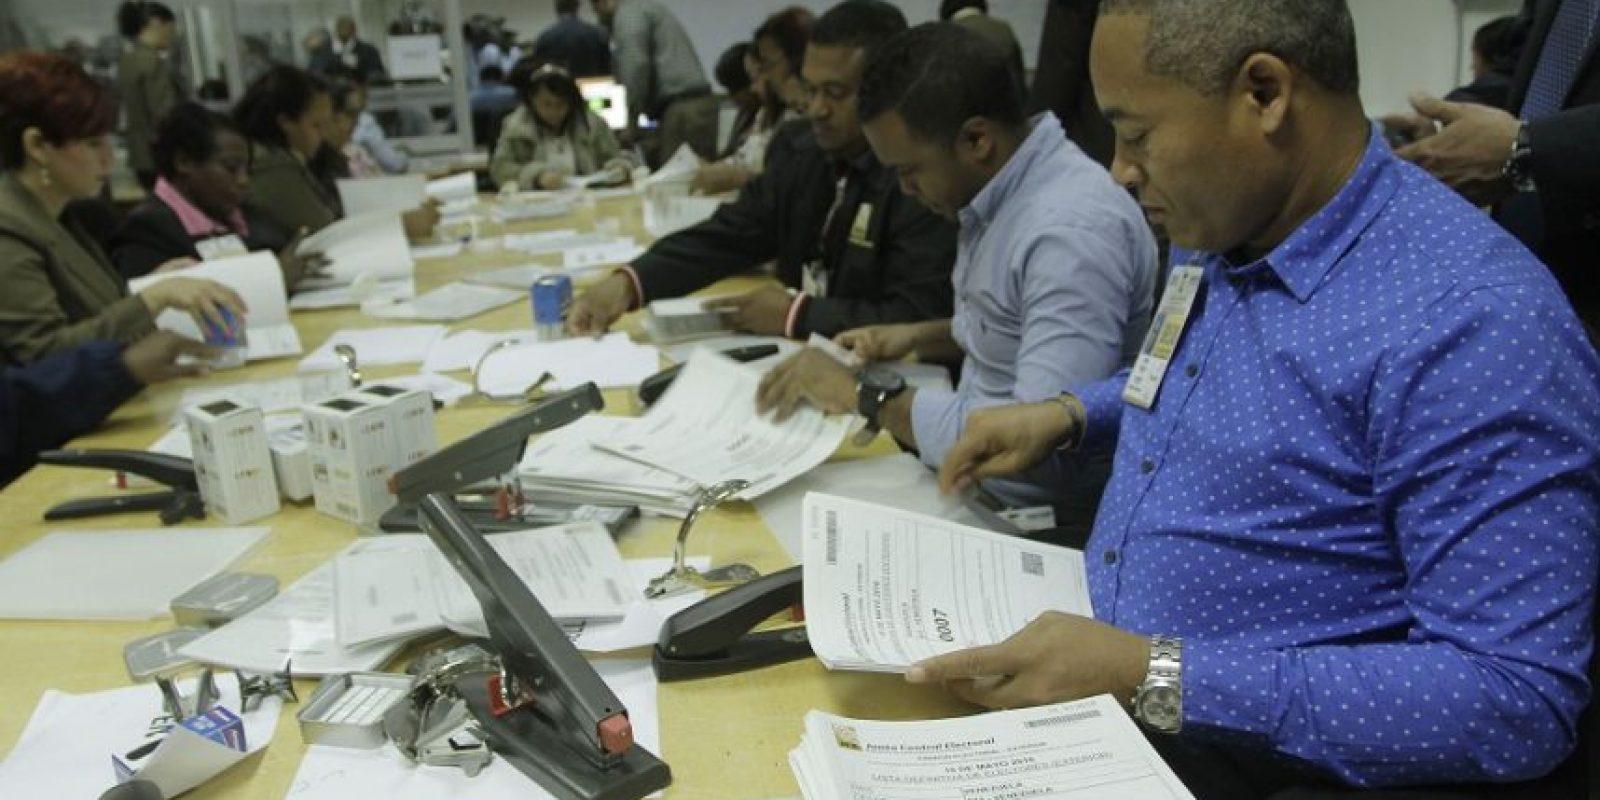 Personal de la Junta Central Electoral verificando el padrón electoral Foto:Roberto guzmán